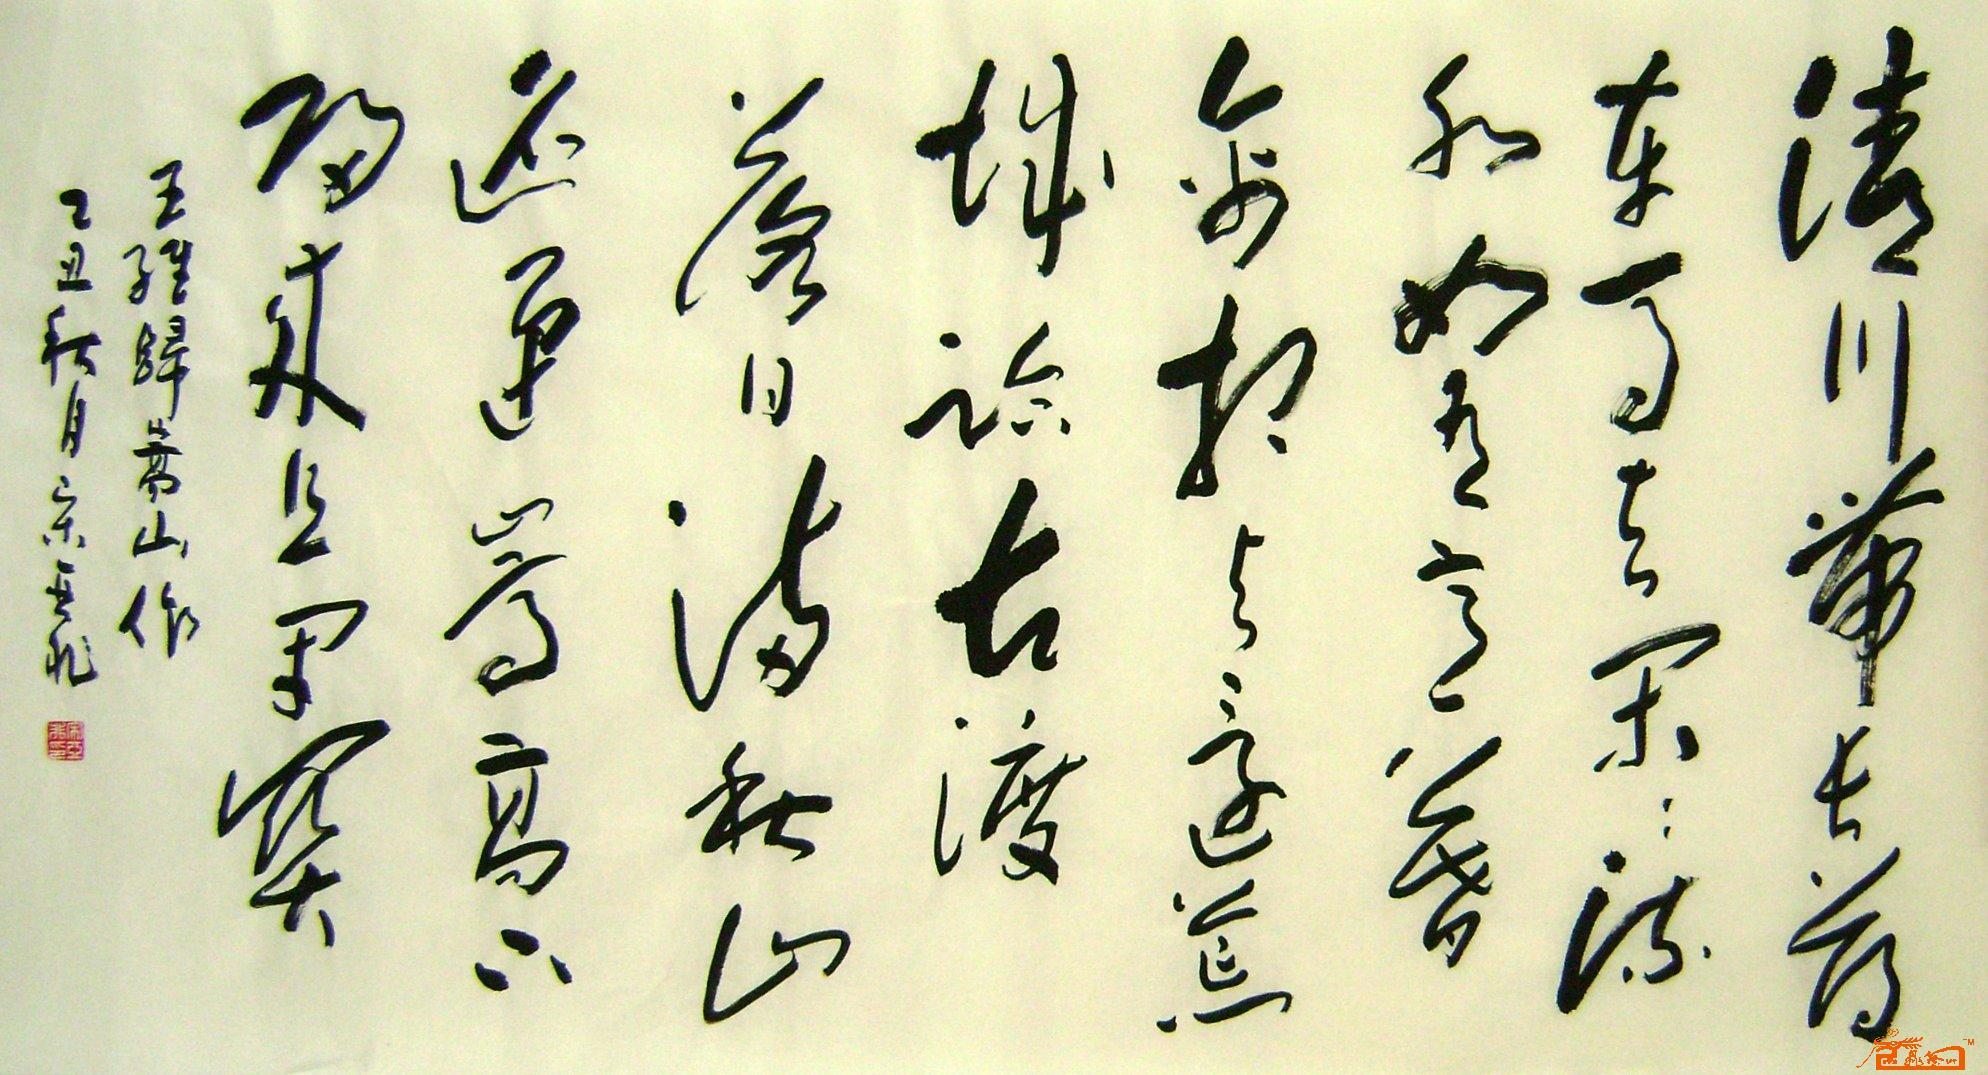 宋亚非-674-王维诗归嵩山作-淘宝-名人字画-中